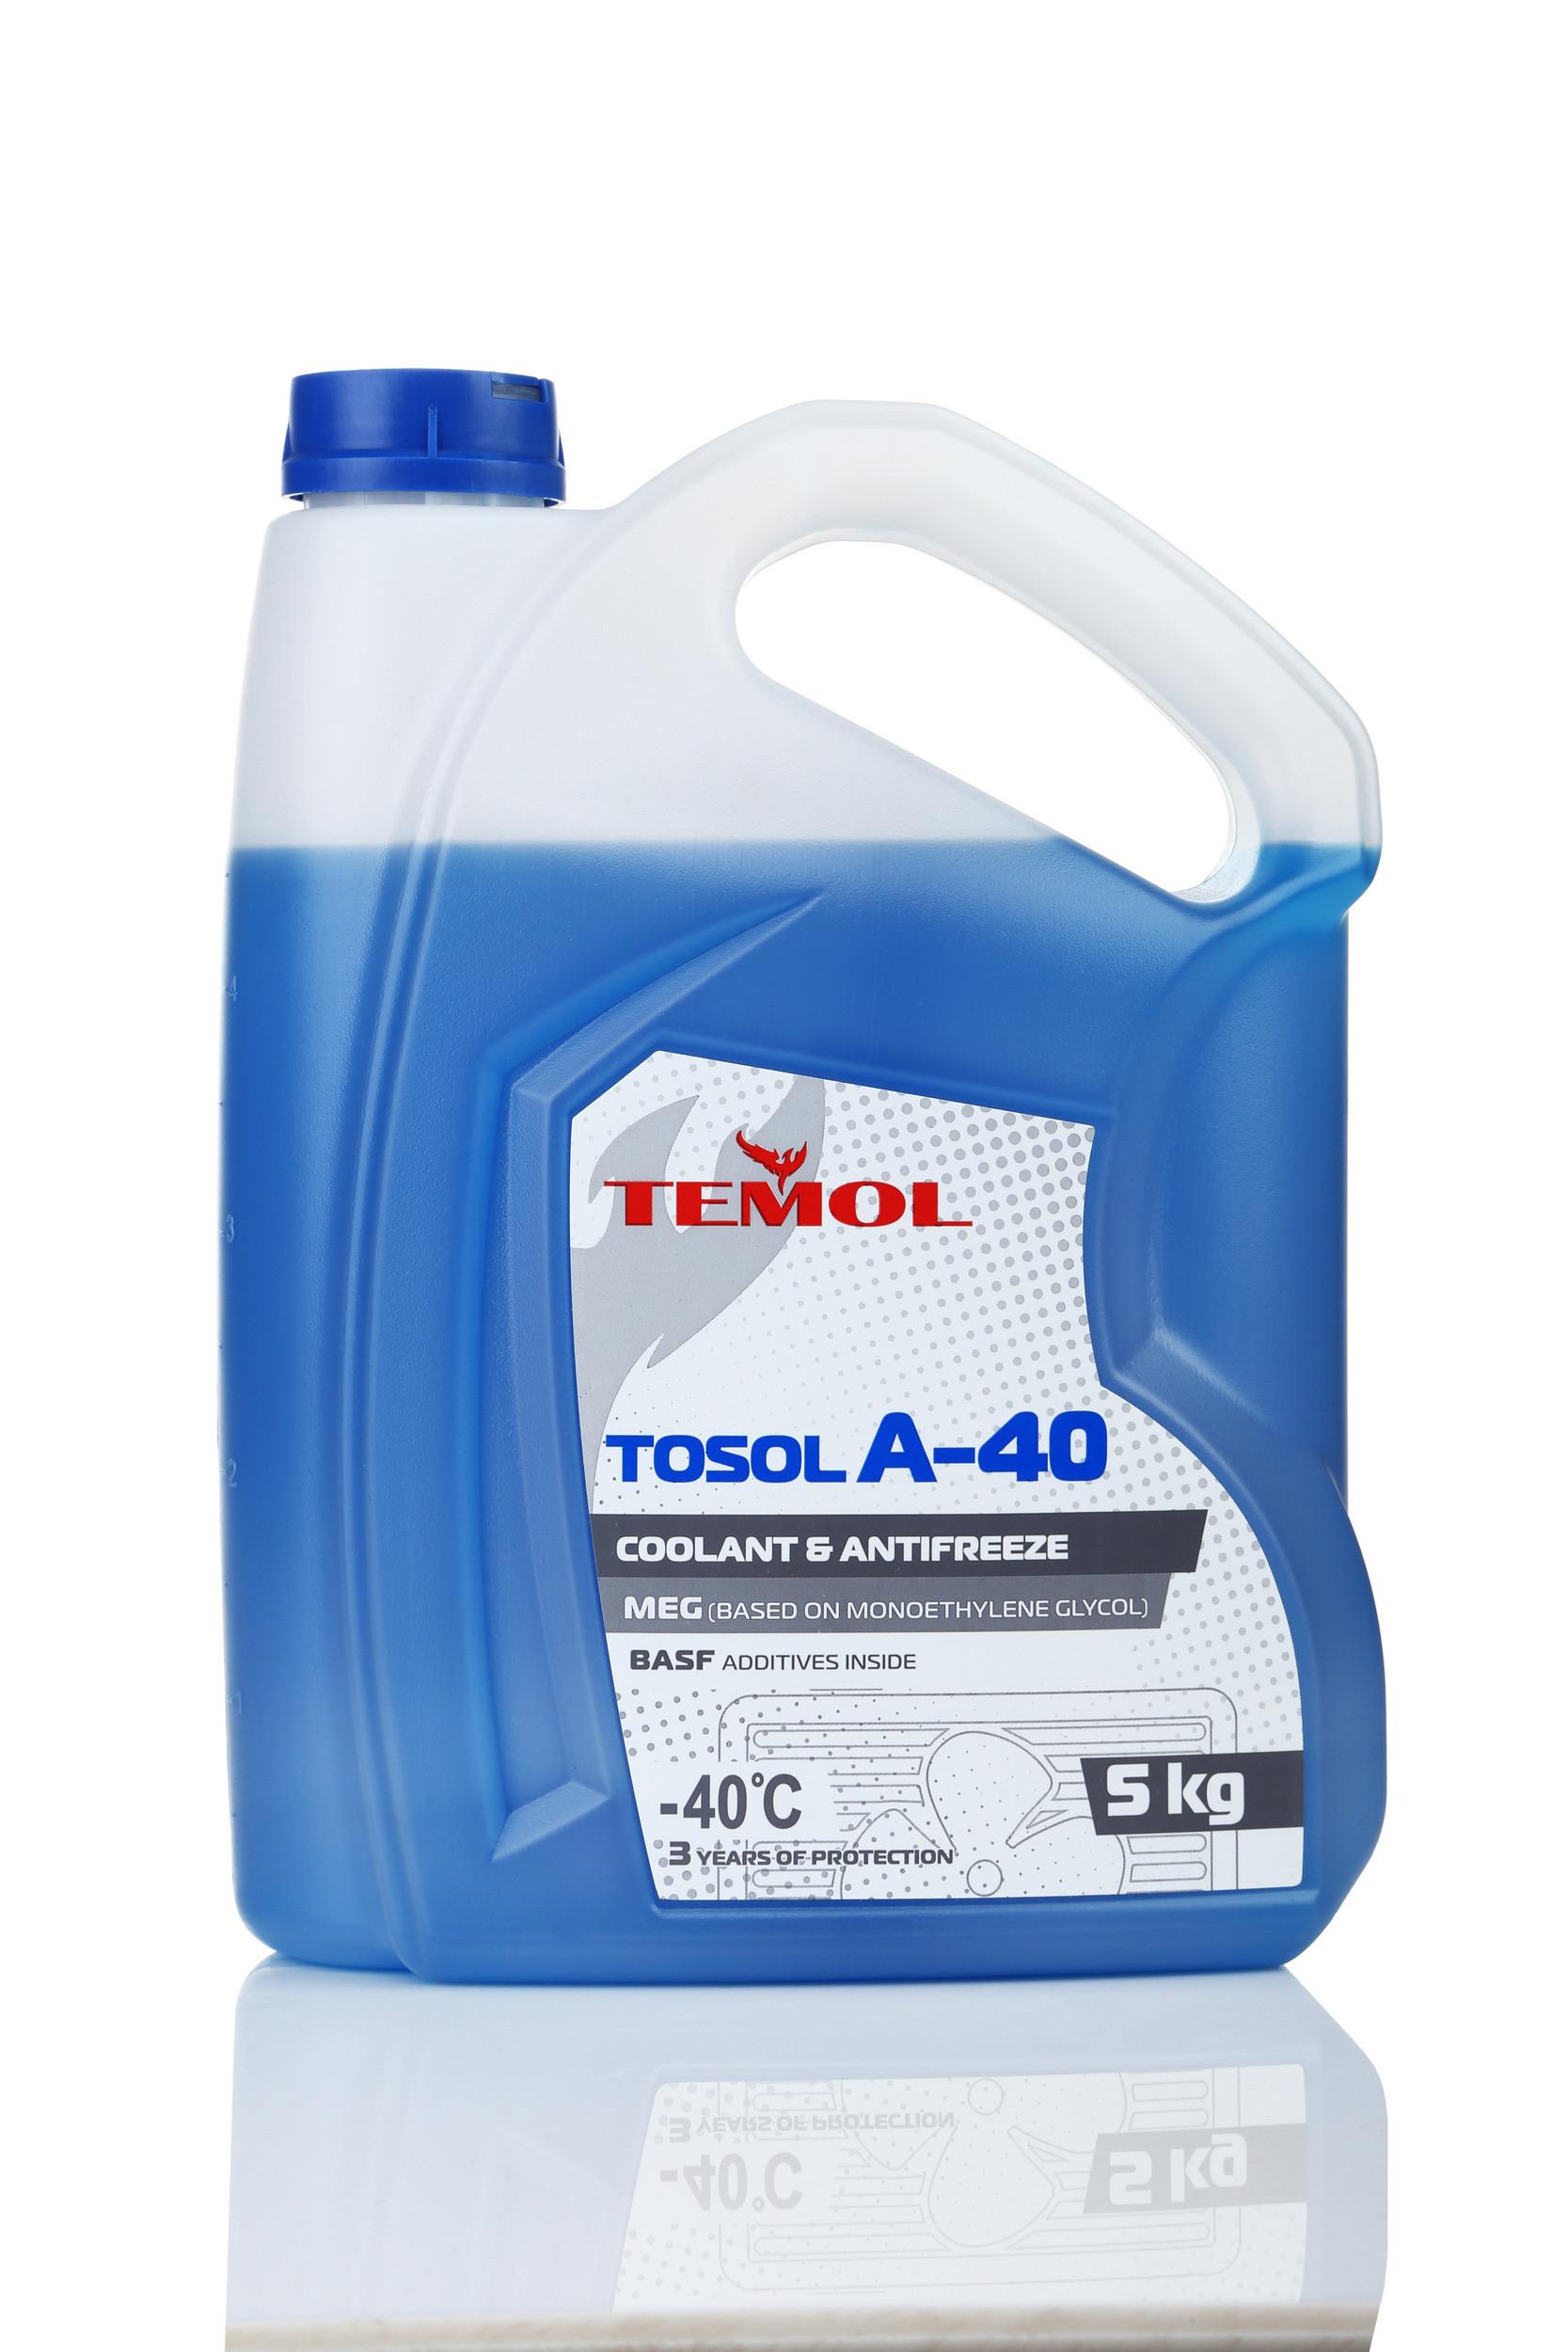 TEMOL TOSOL A-40 - 5L - Temol, официальный интернет-магазин